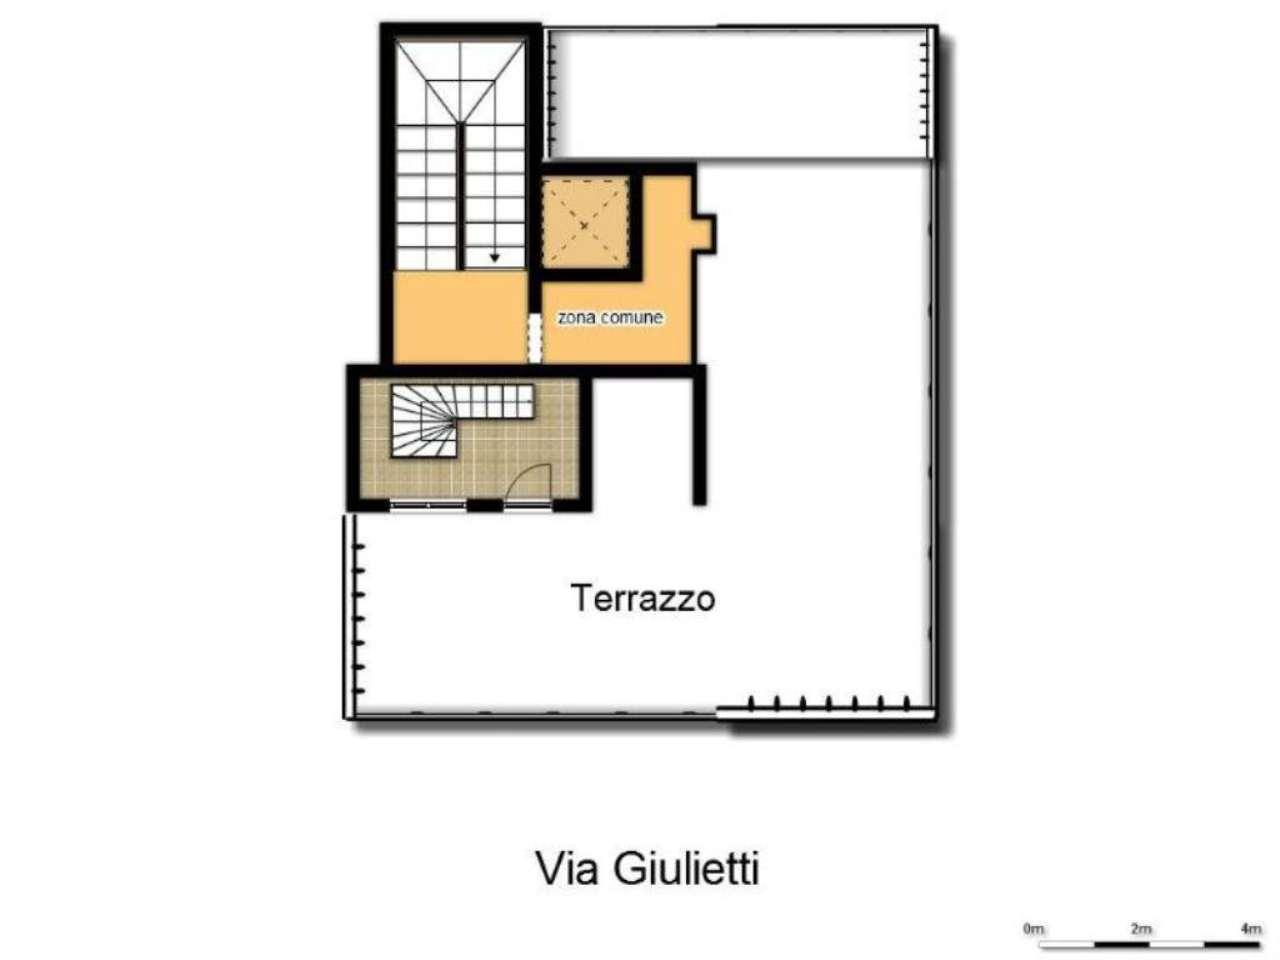 Vendita  bilocale Milano Via Giulietti 1 627909